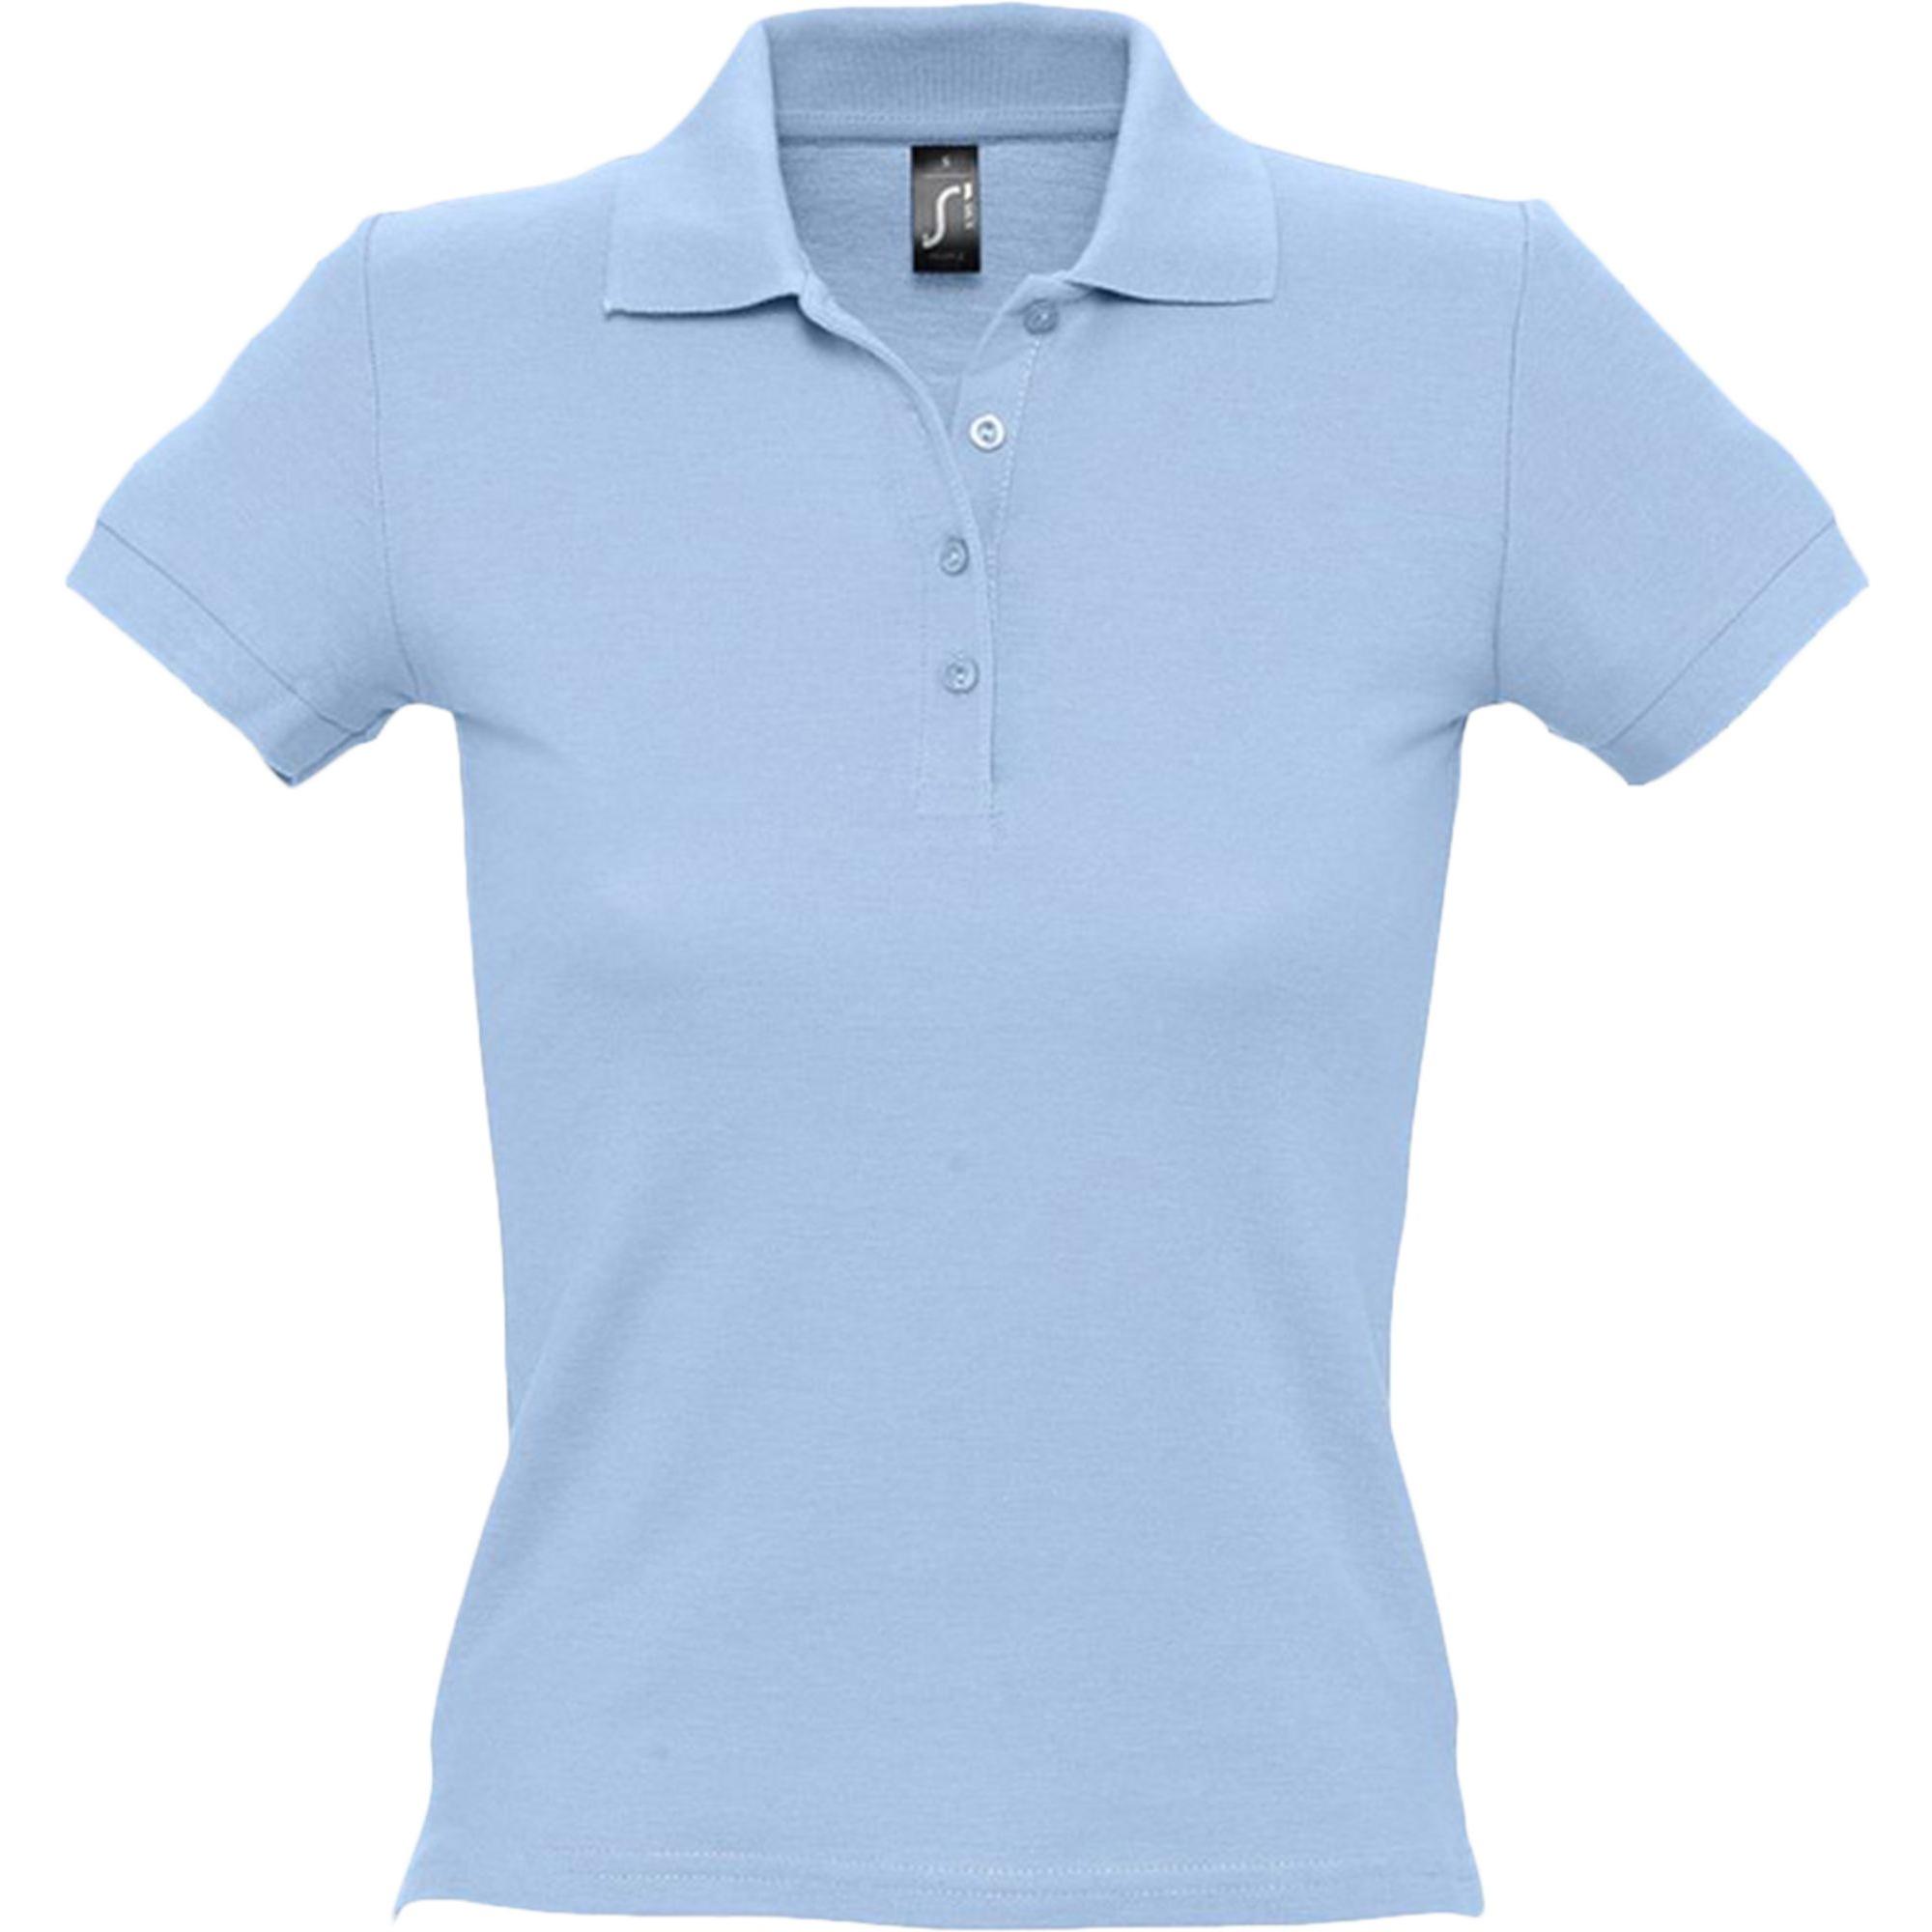 Рубашка поло женская голубая PASSION. арт.4798 SALE